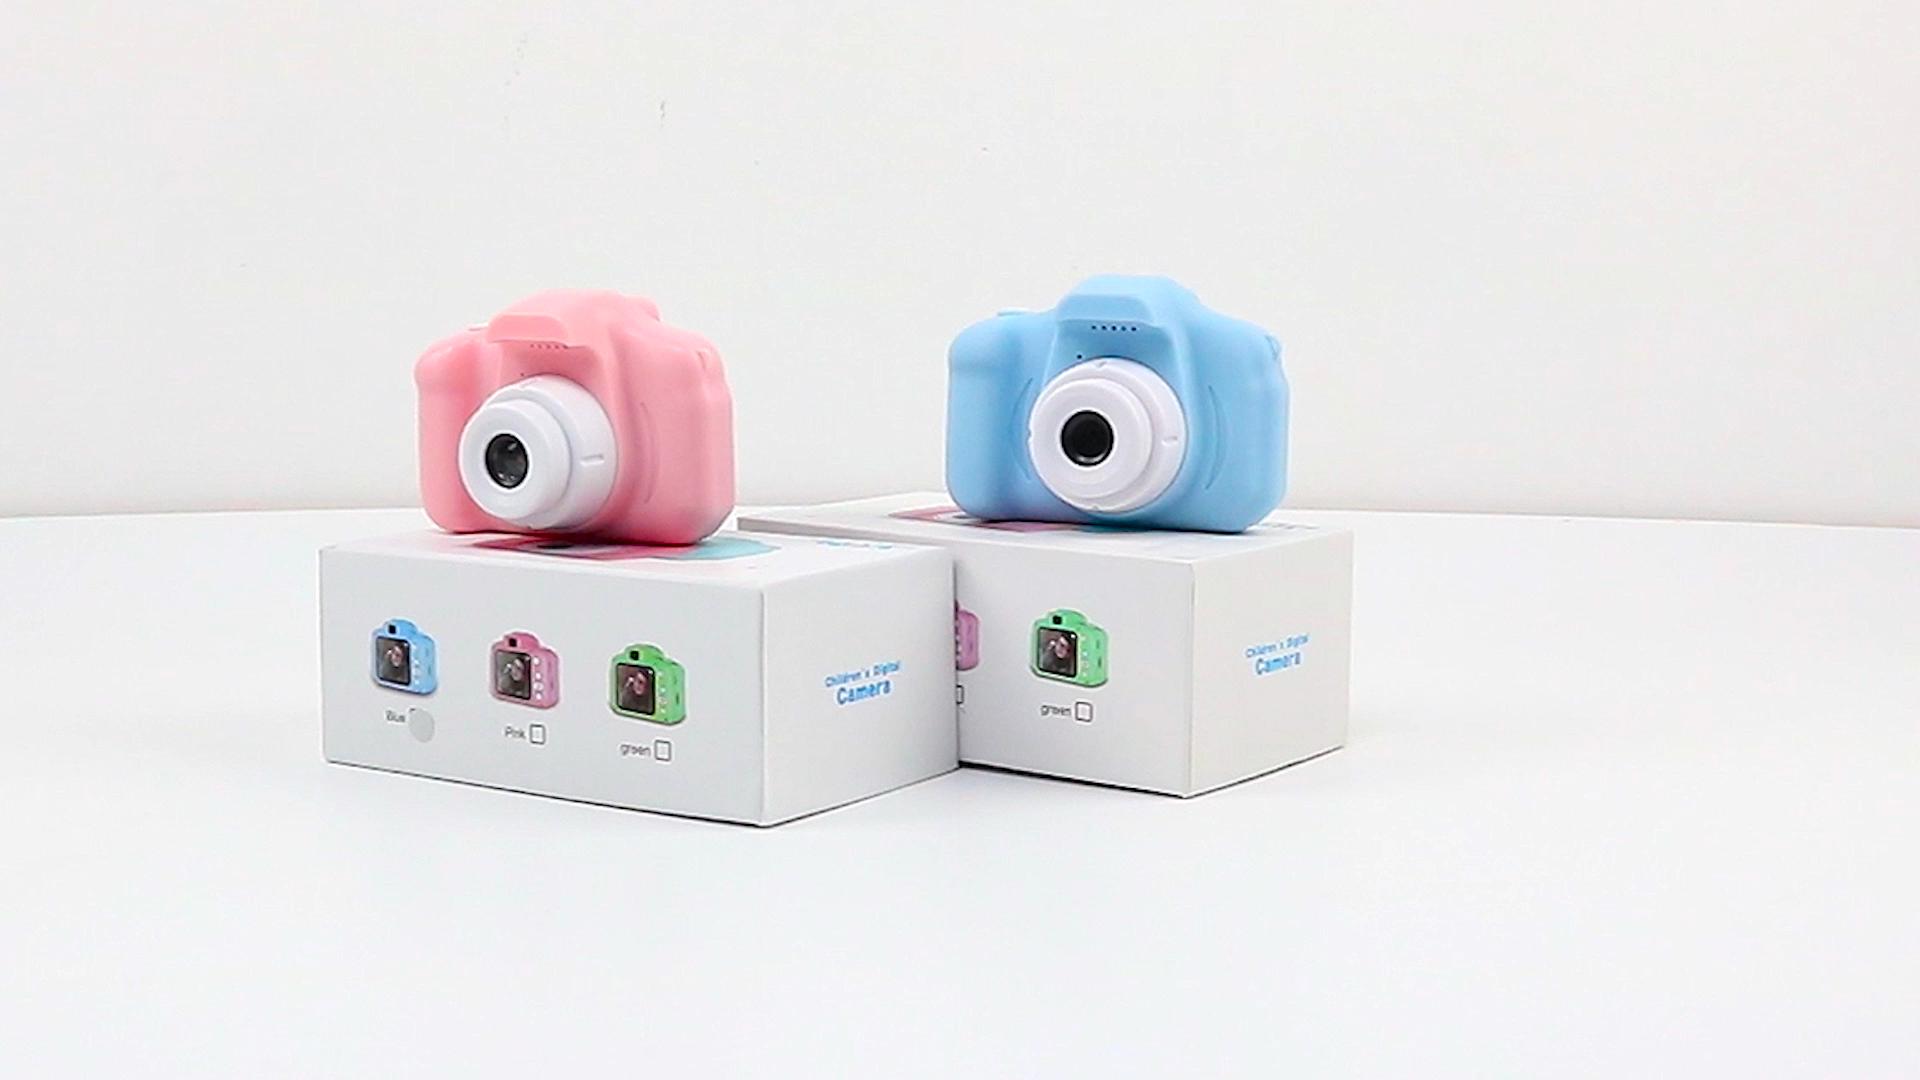 2020 mini dijital 1080p çocuklar fotoğraf kamerası oyuncak kamera için hd 2.0 erkek